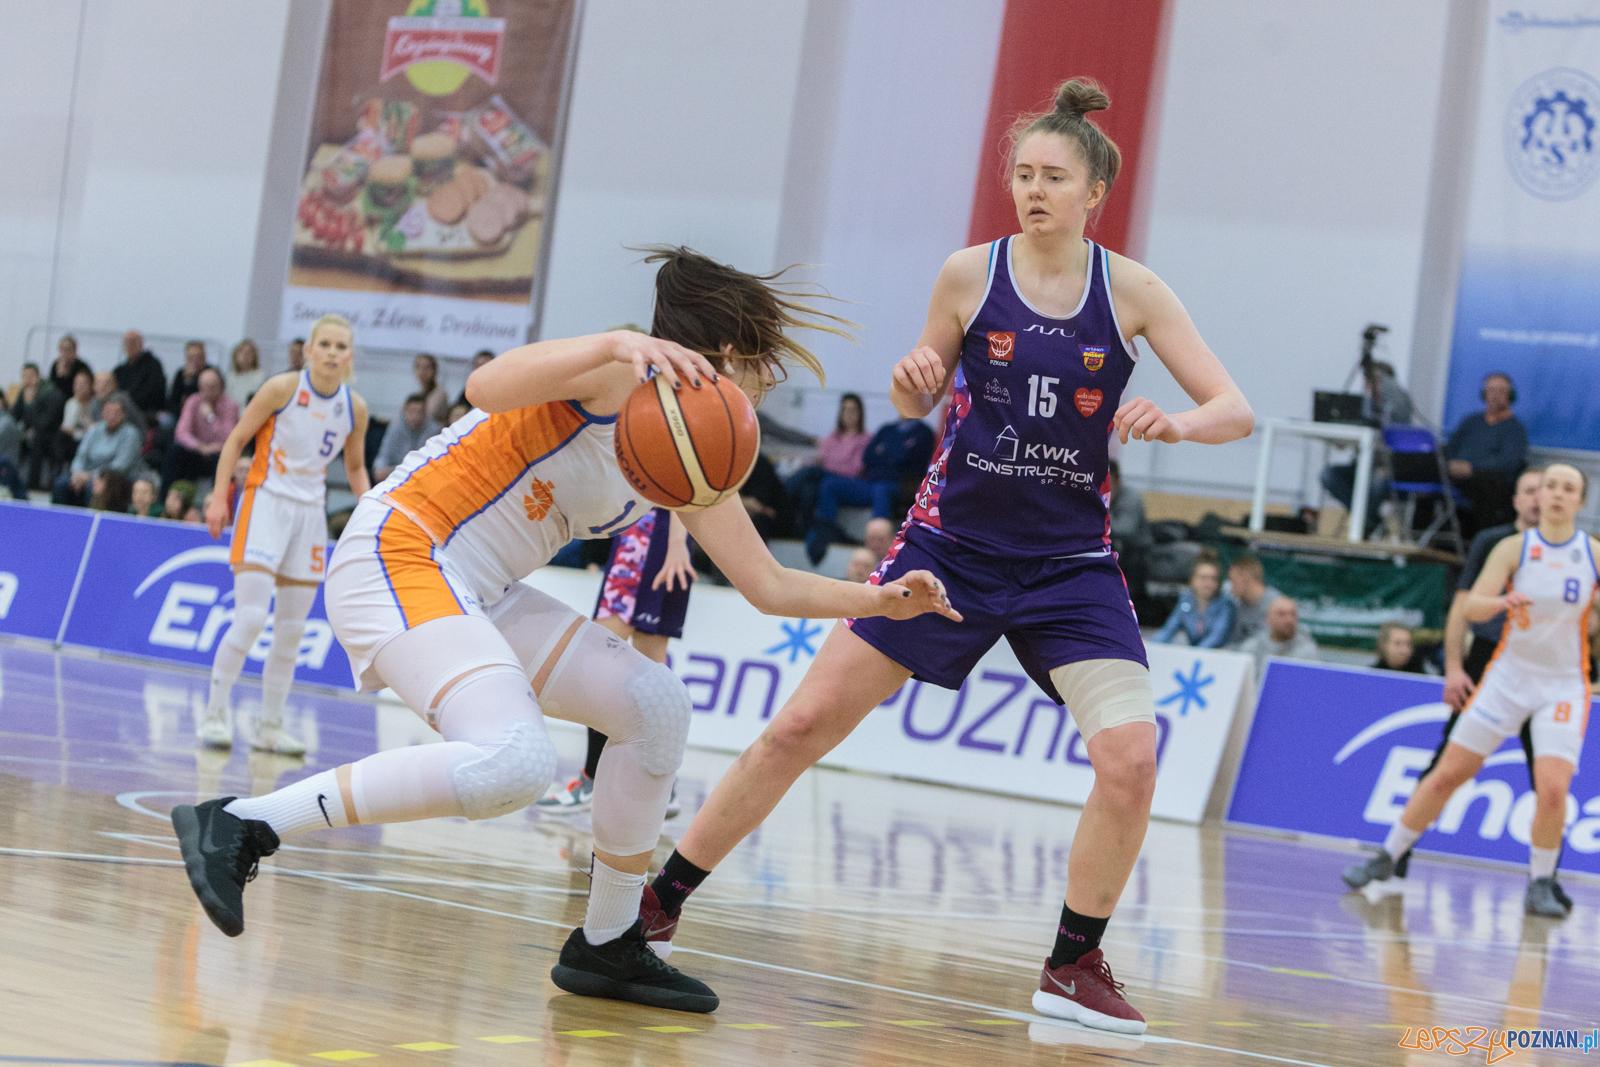 MP U22: mecz o 3 miejsce MUKS Poznań - Basket 25 Bydgoszcz 67:5  Foto: LepszyPOZNAN.pl / Paweł Rychter